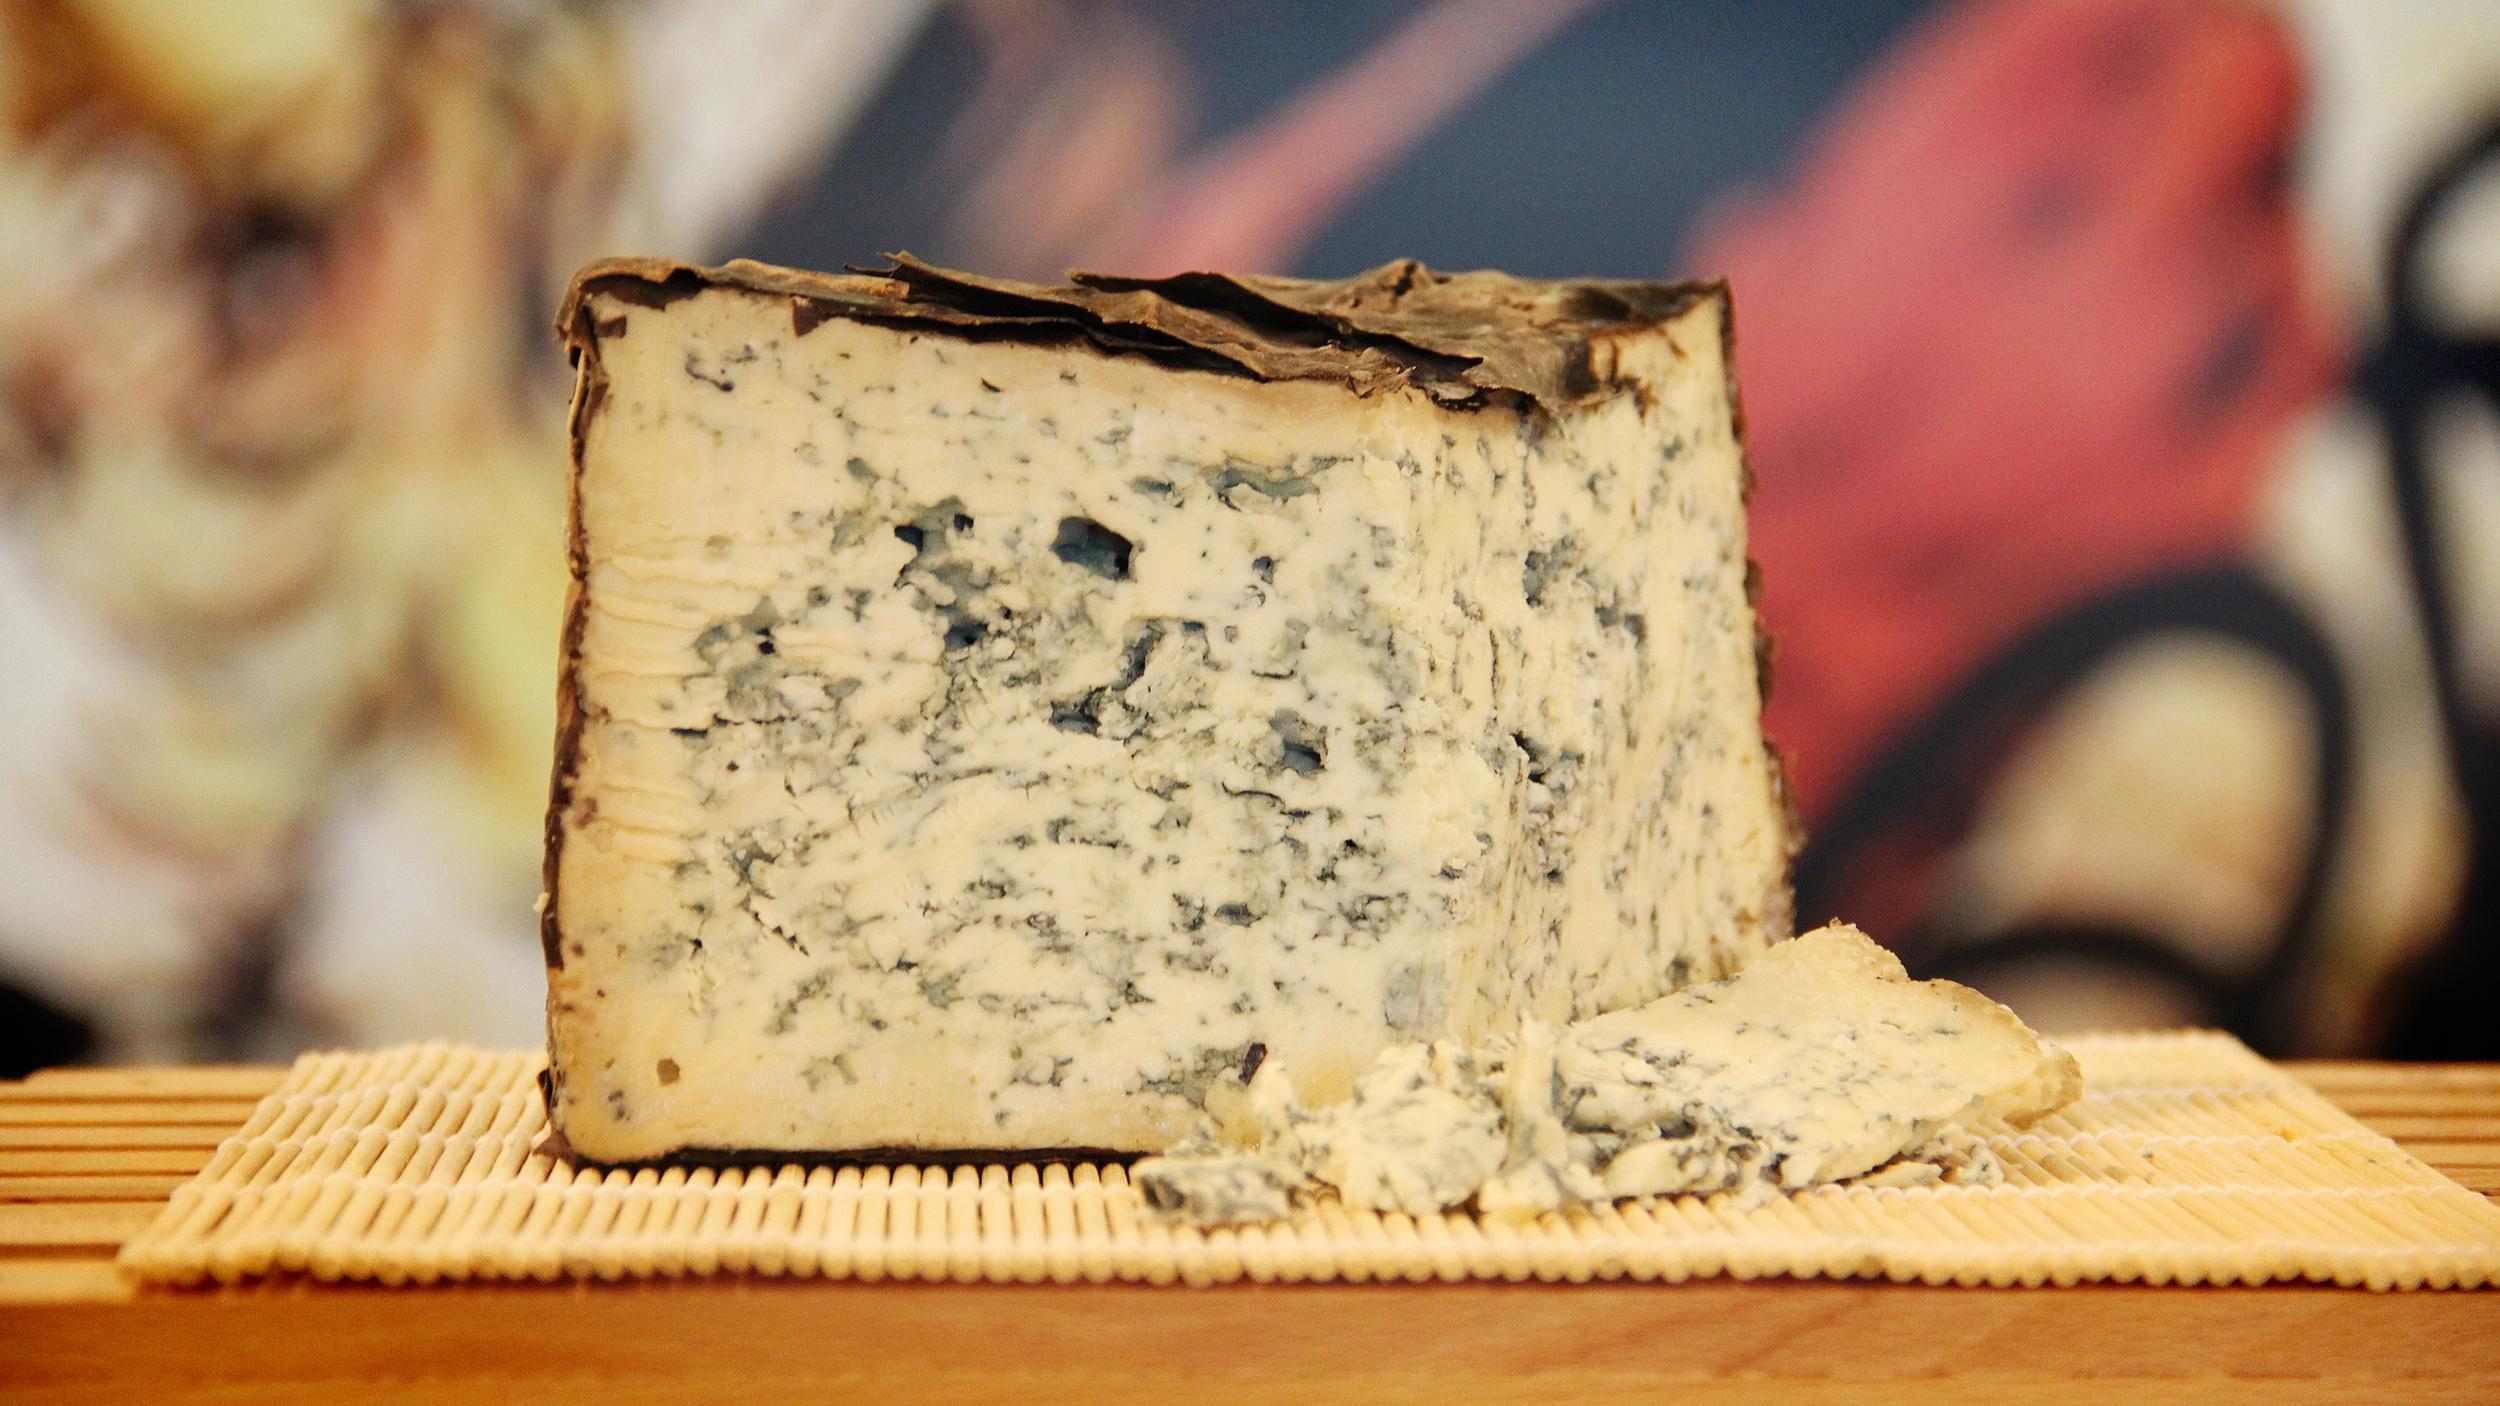 cheese_valdeonblue16x9.jpg